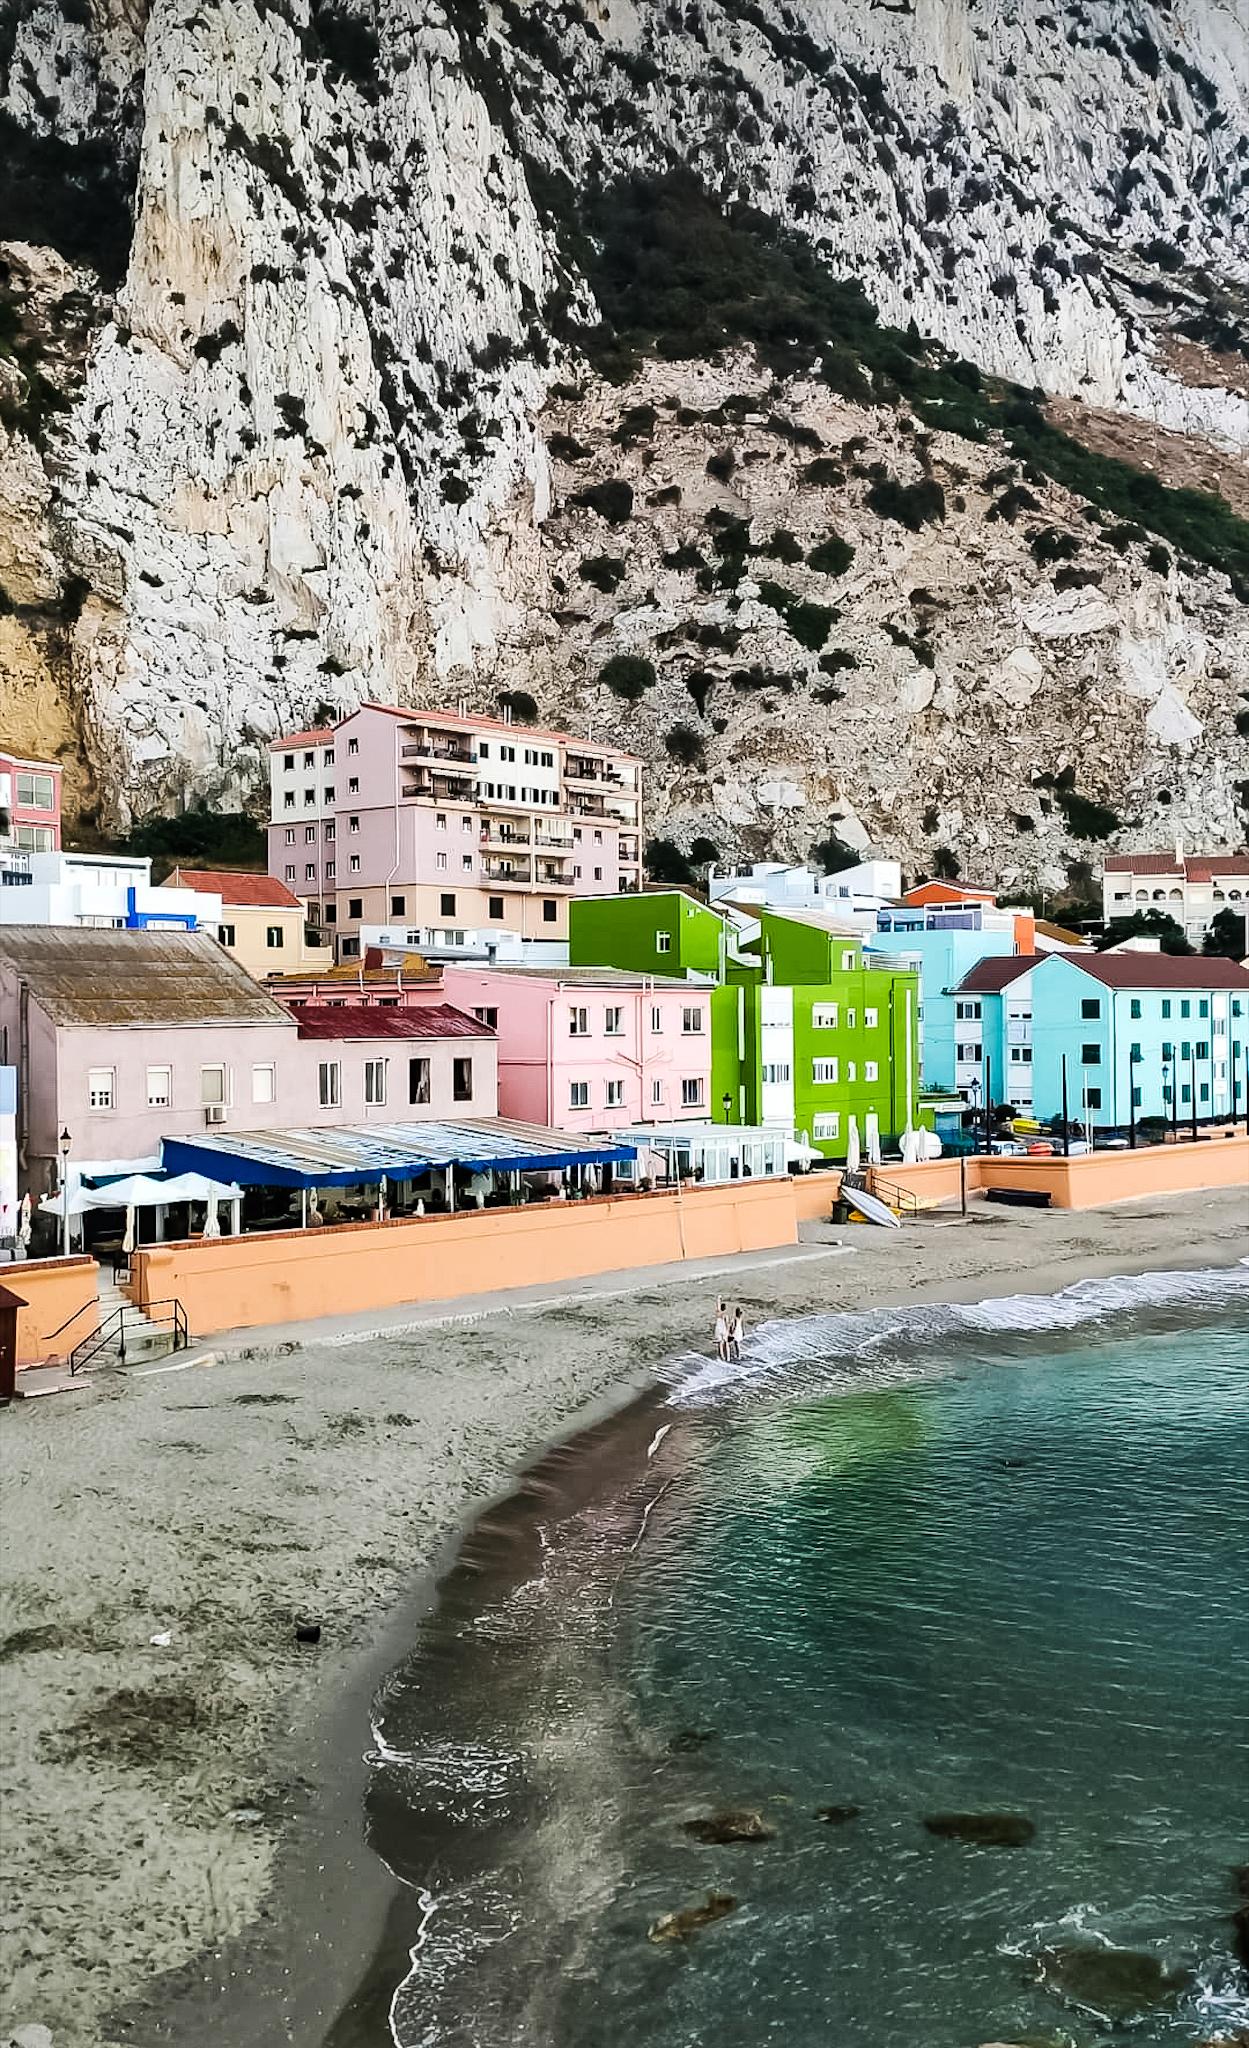 Village Near the Sea